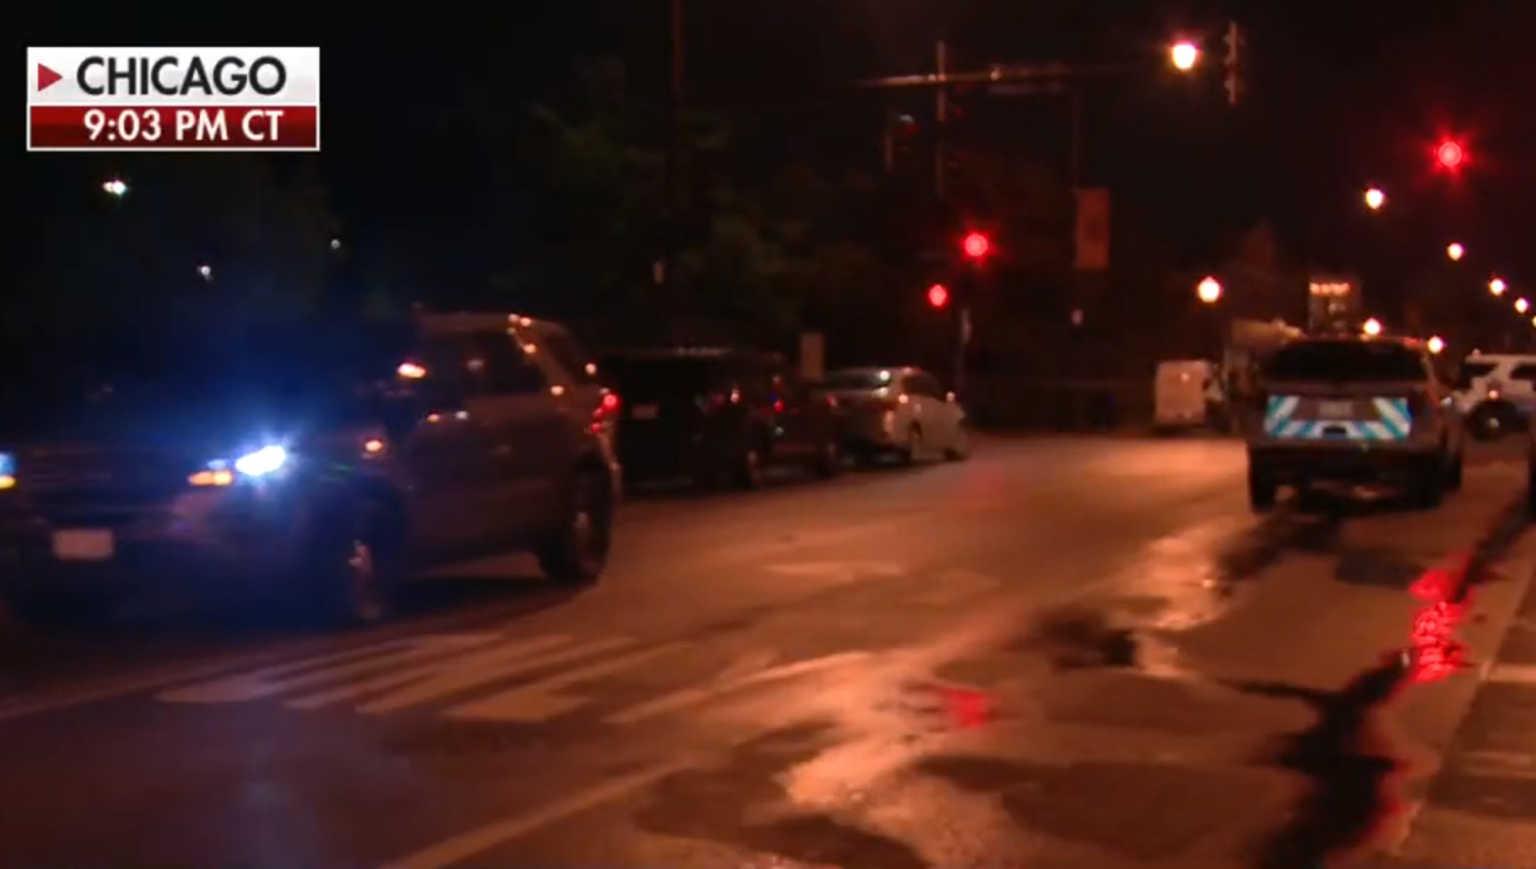 """Κόλαση στο Σικάγο! """"Γάζωσαν"""" με σφαίρες κηδεία – Τουλάχιστον 14 τραυματίες (video)"""